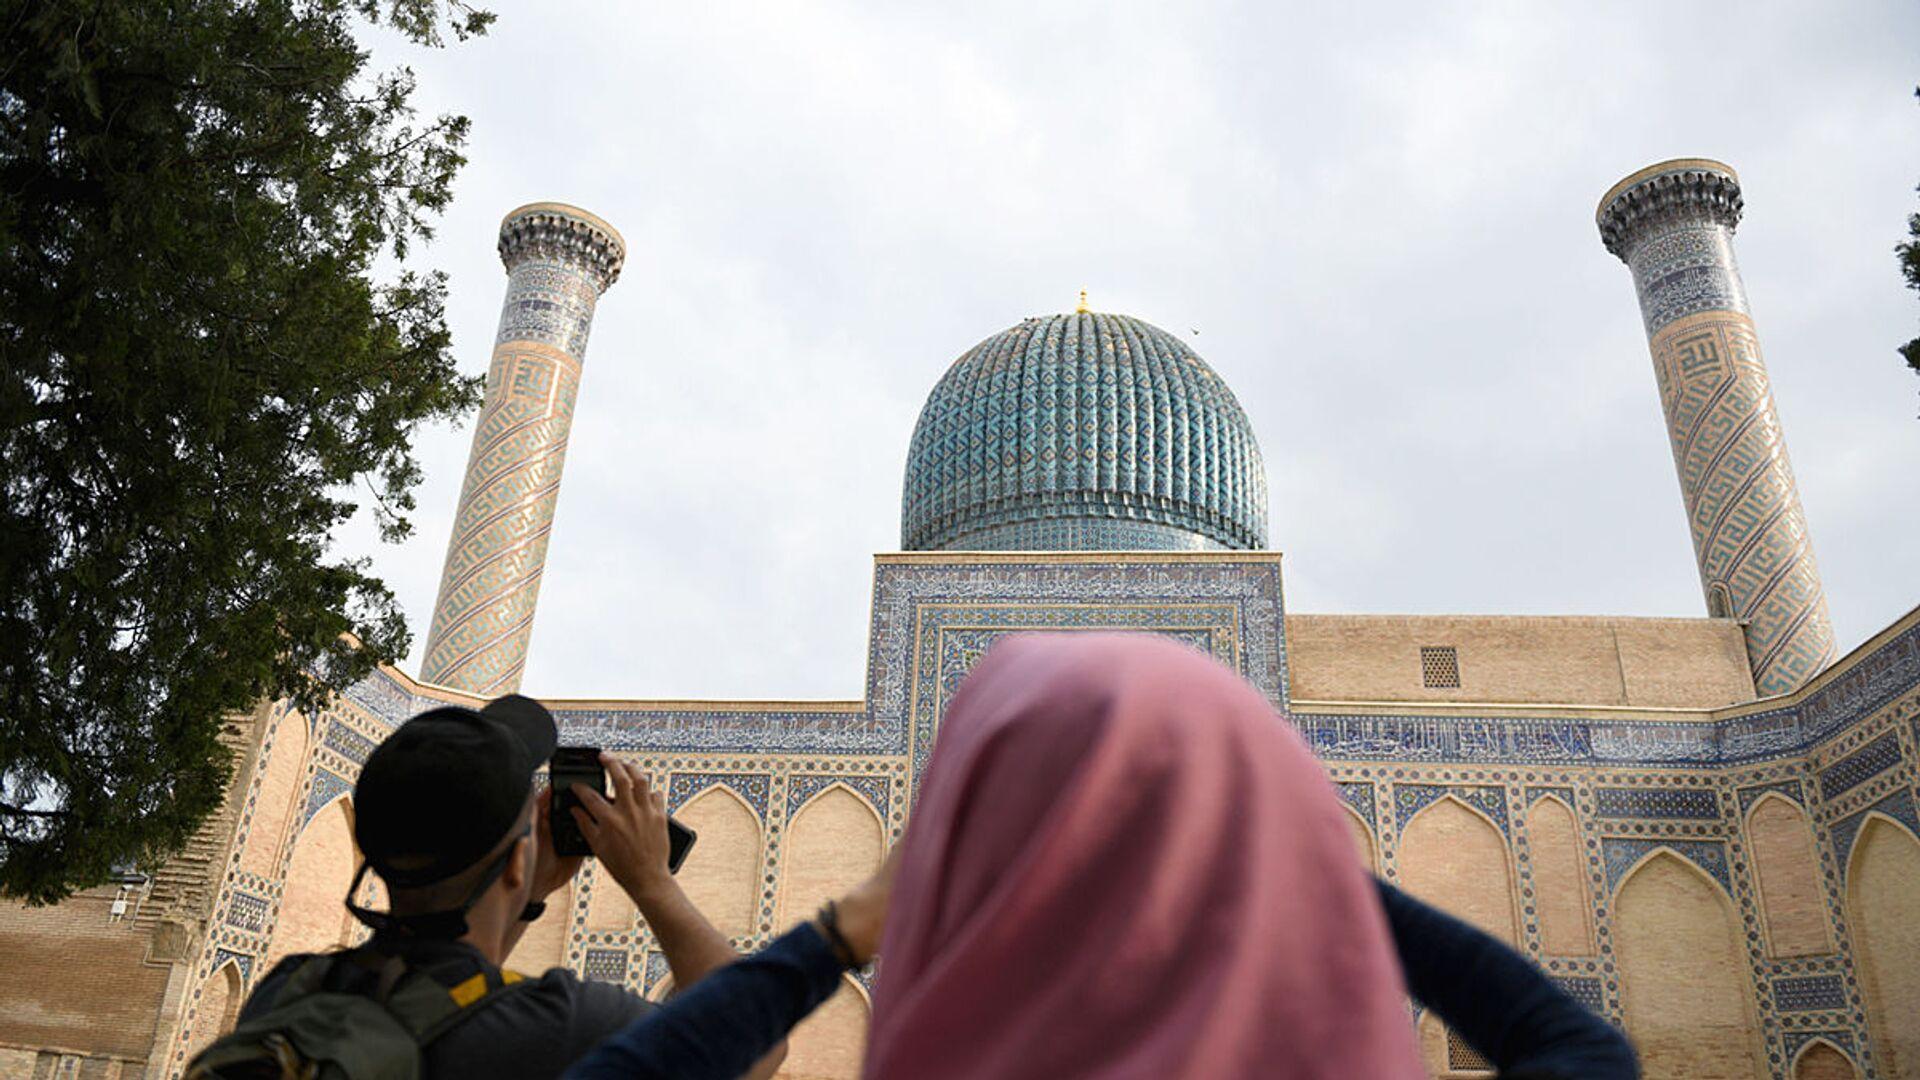 Туристы осматривают мавзолей Гур Эмира в Самарканде - Sputnik Узбекистан, 1920, 06.05.2021